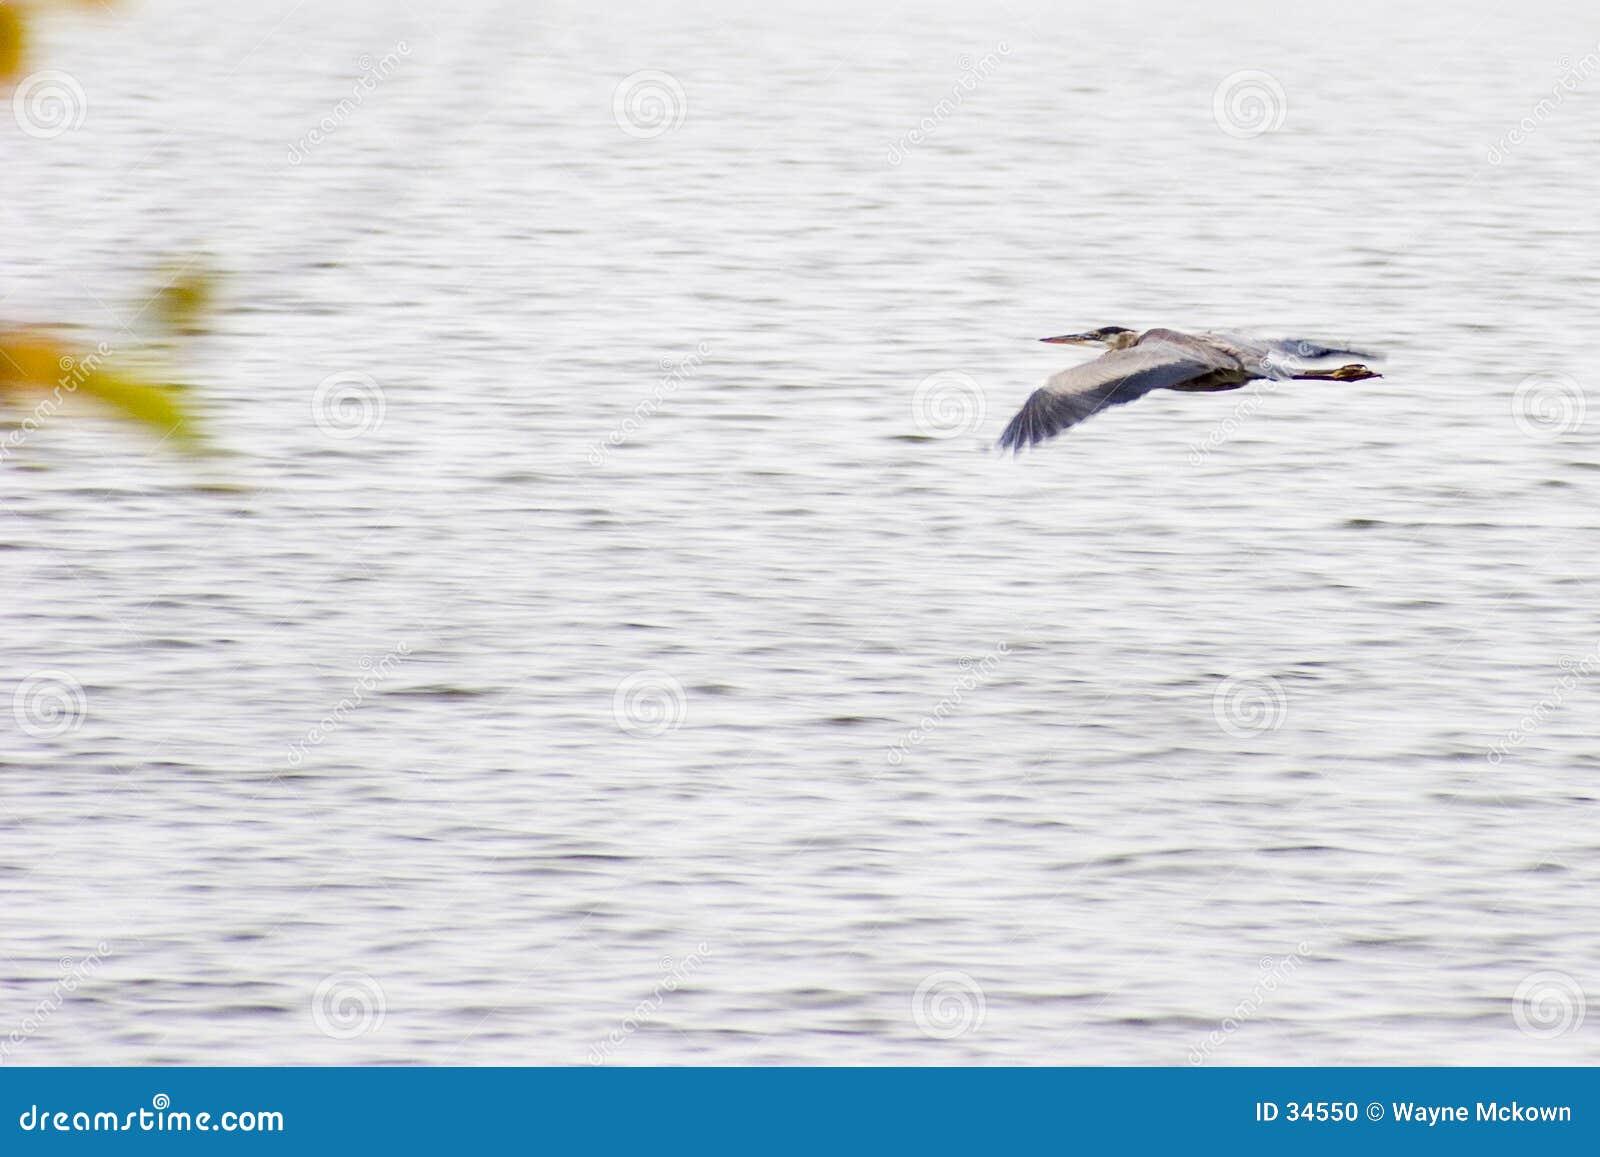 Download Reiher im Flug stockfoto. Bild von lagune, grau, vogel, lebensraum - 34550